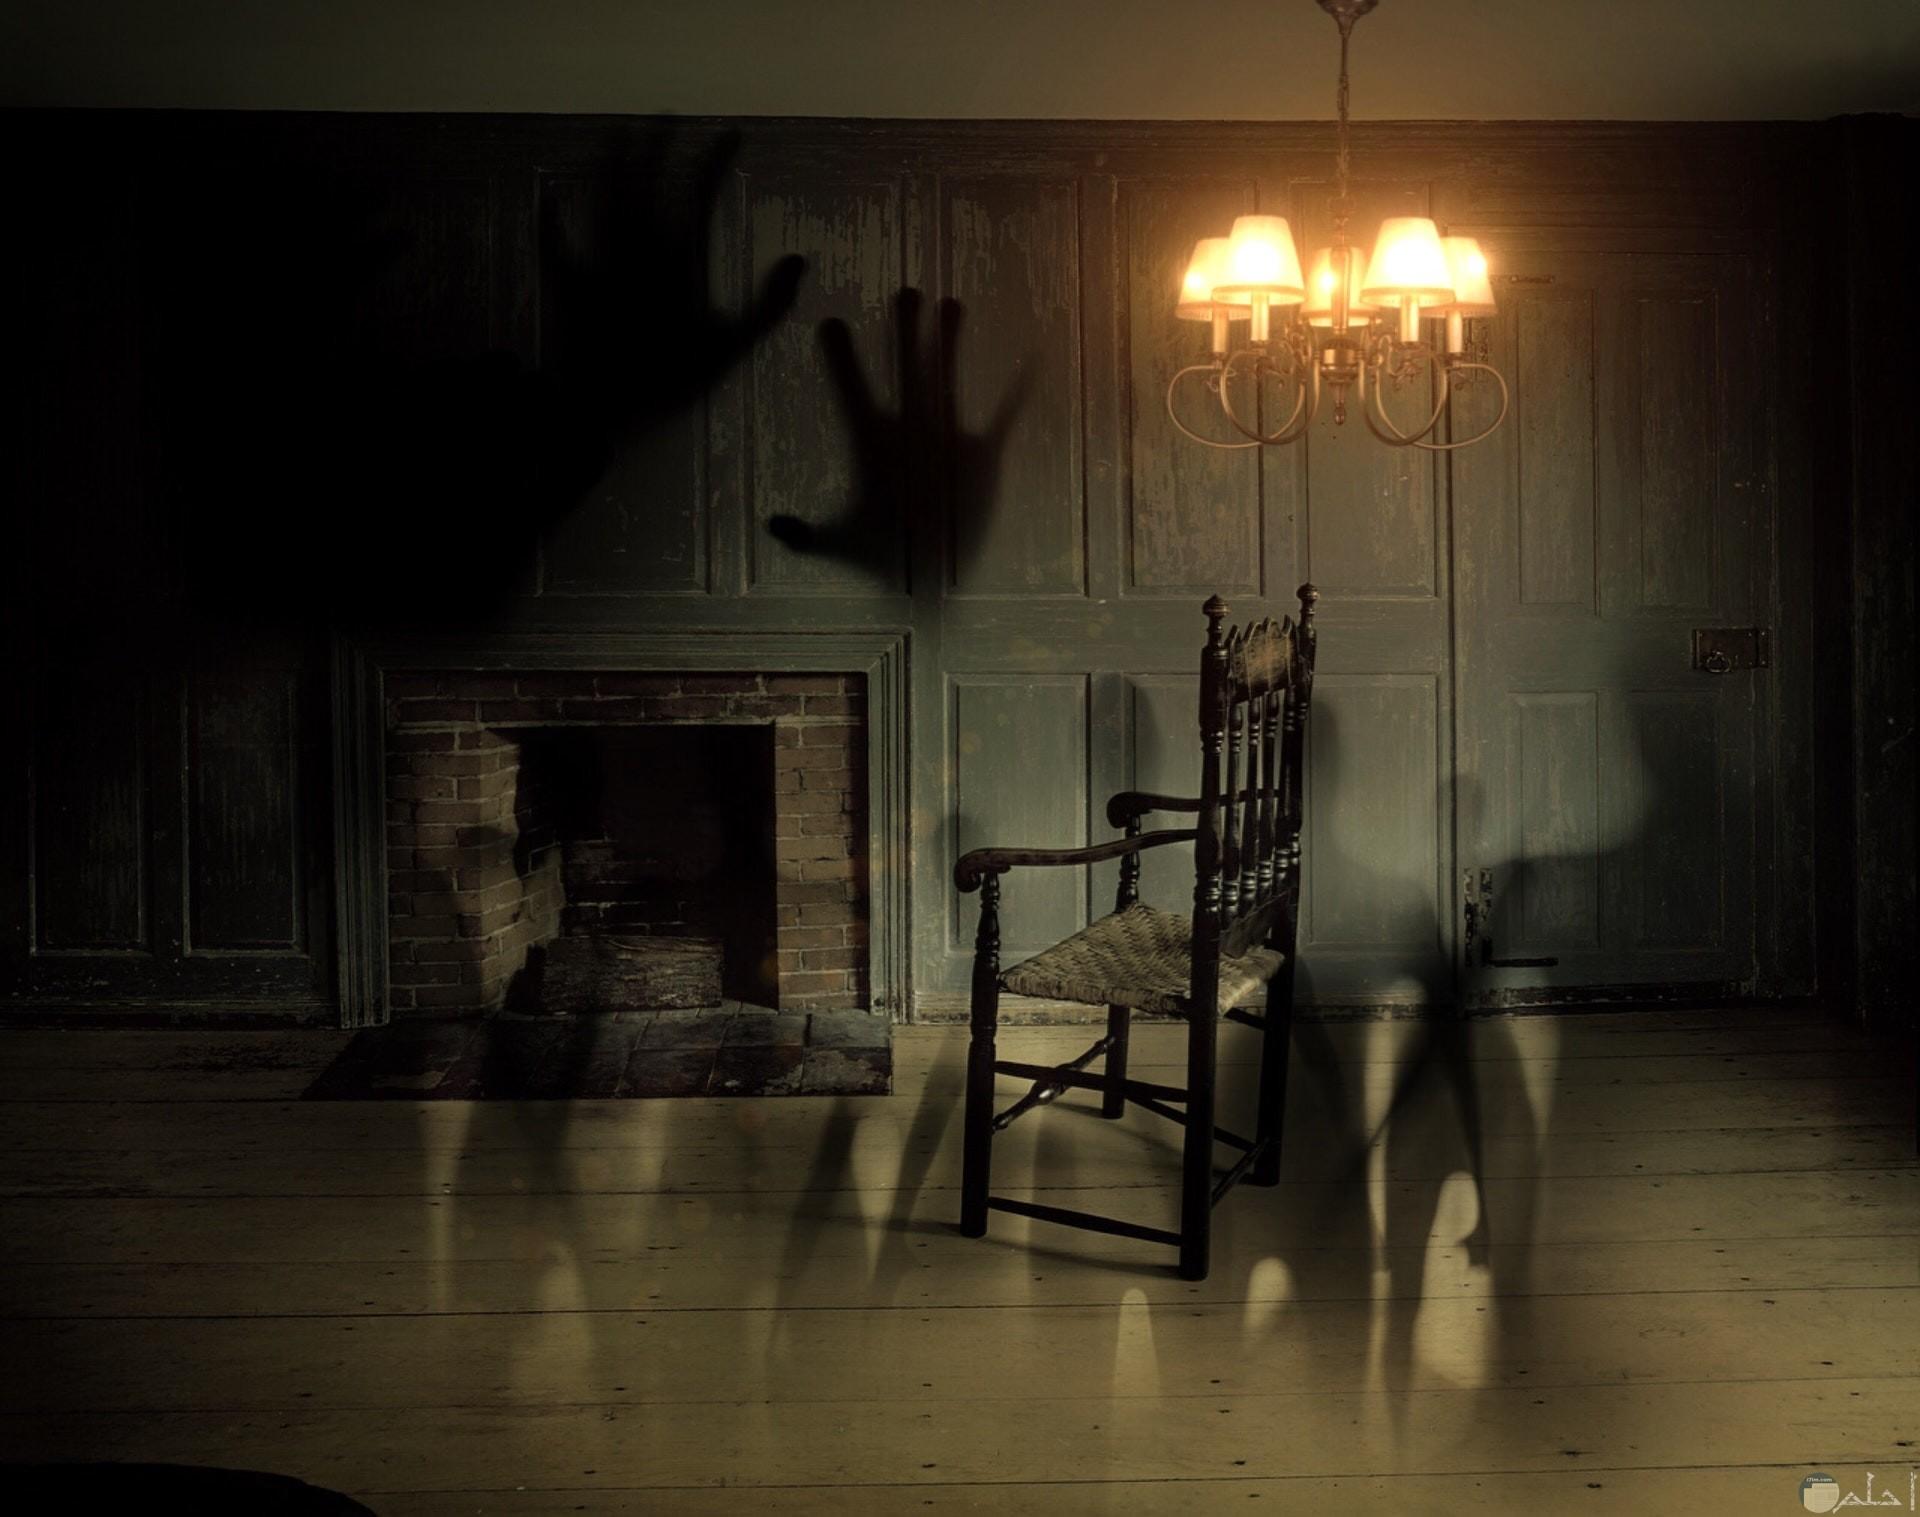 صورة مخيفة ومرعبة لأشباح تسكن في البيت